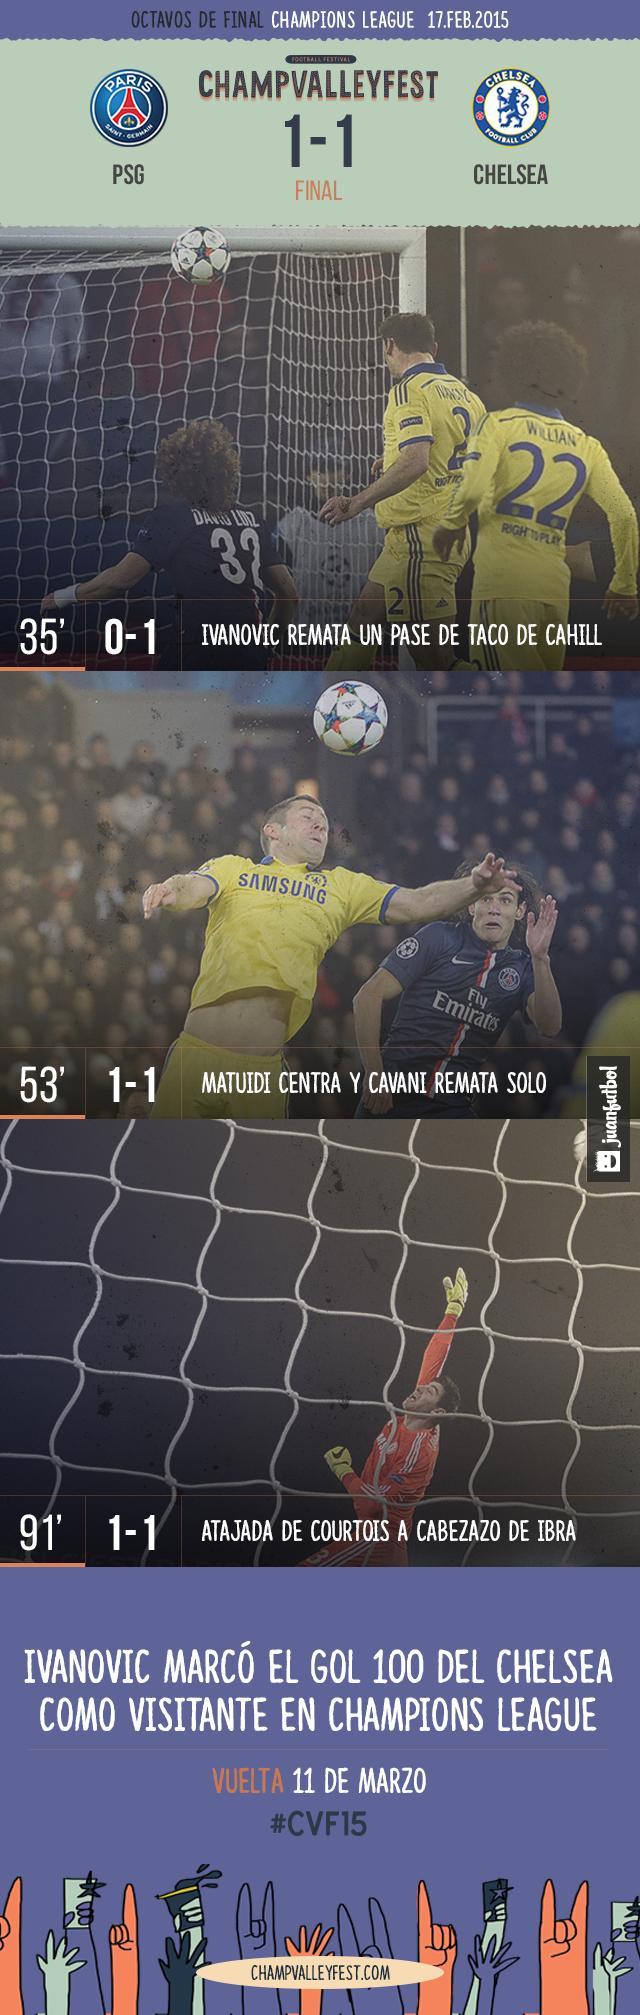 PSG 1-1 Chelsea